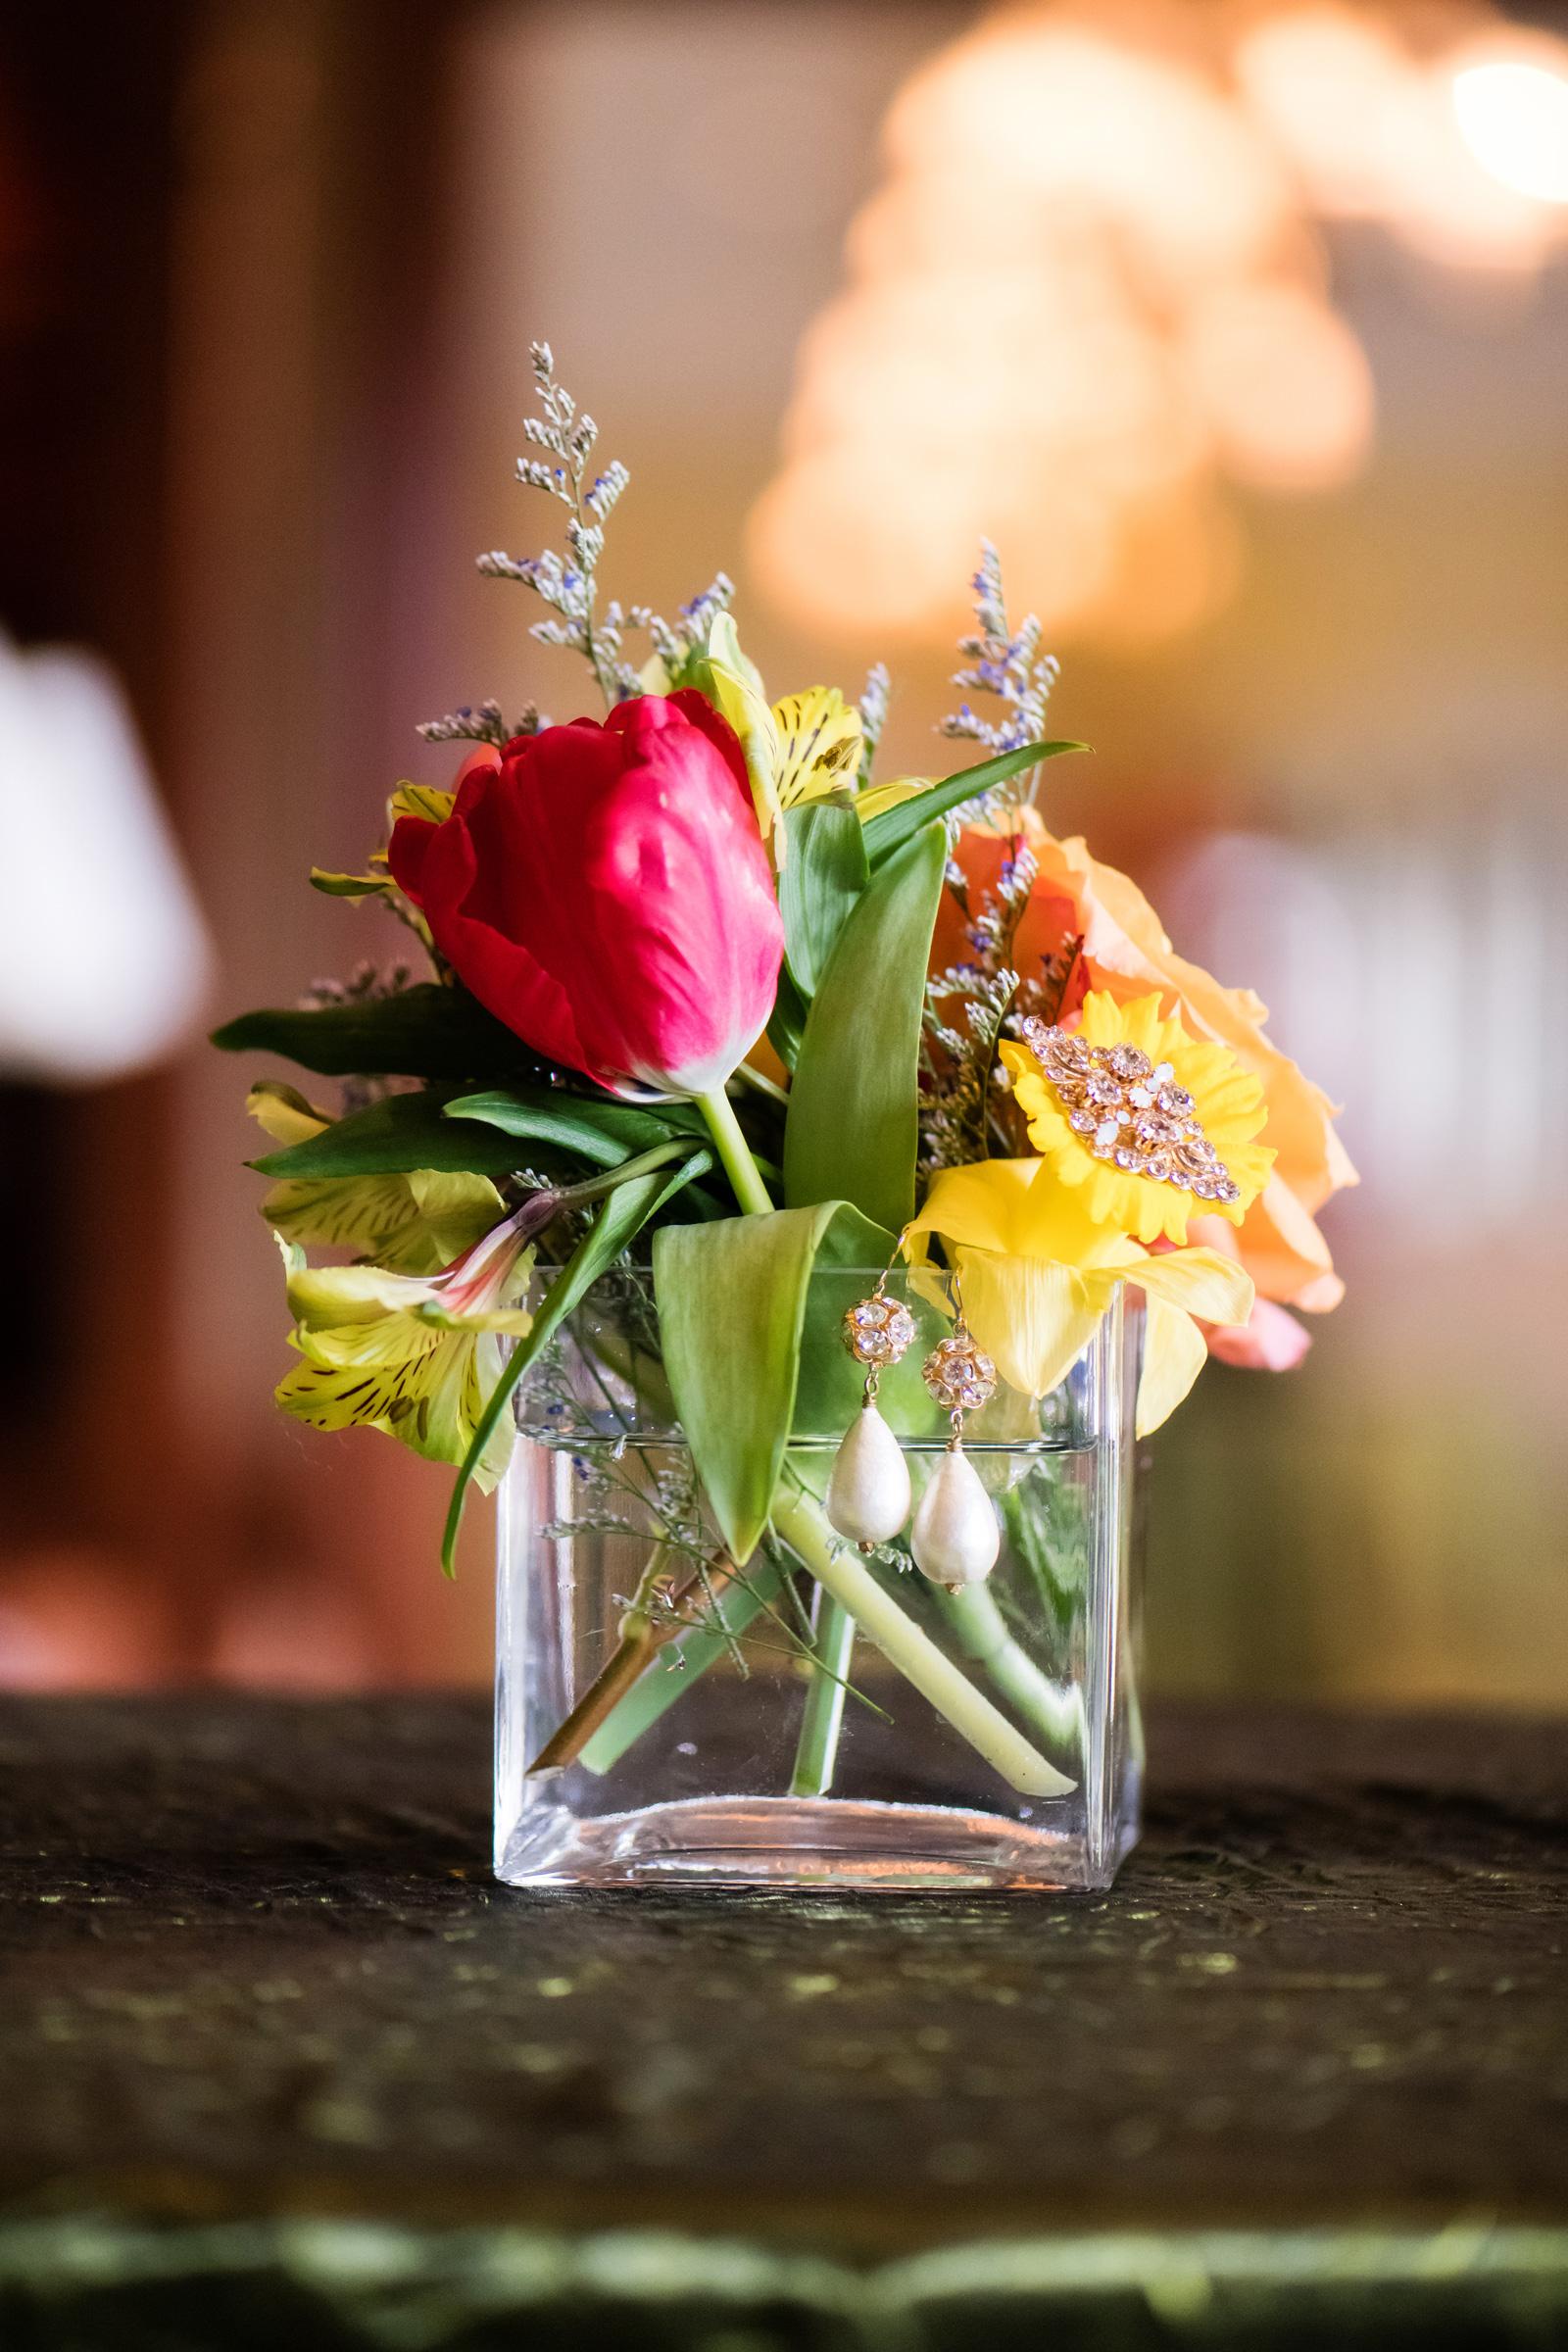 Flowers_Marks-0010.jpg